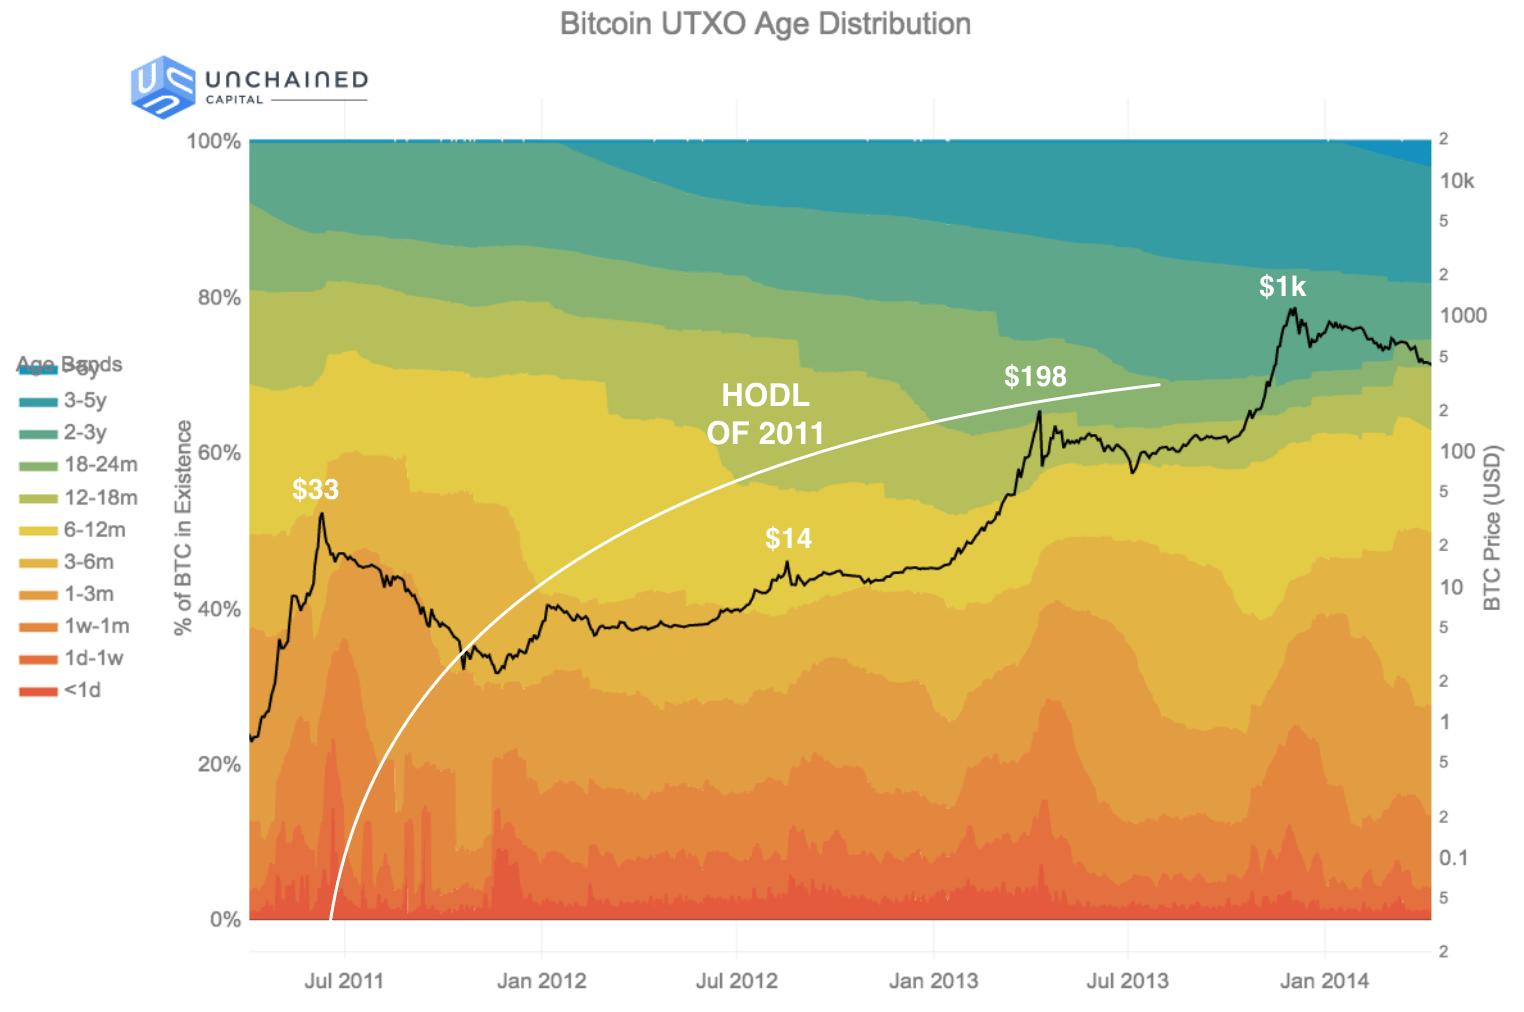 2011 HODL bitcoin wave